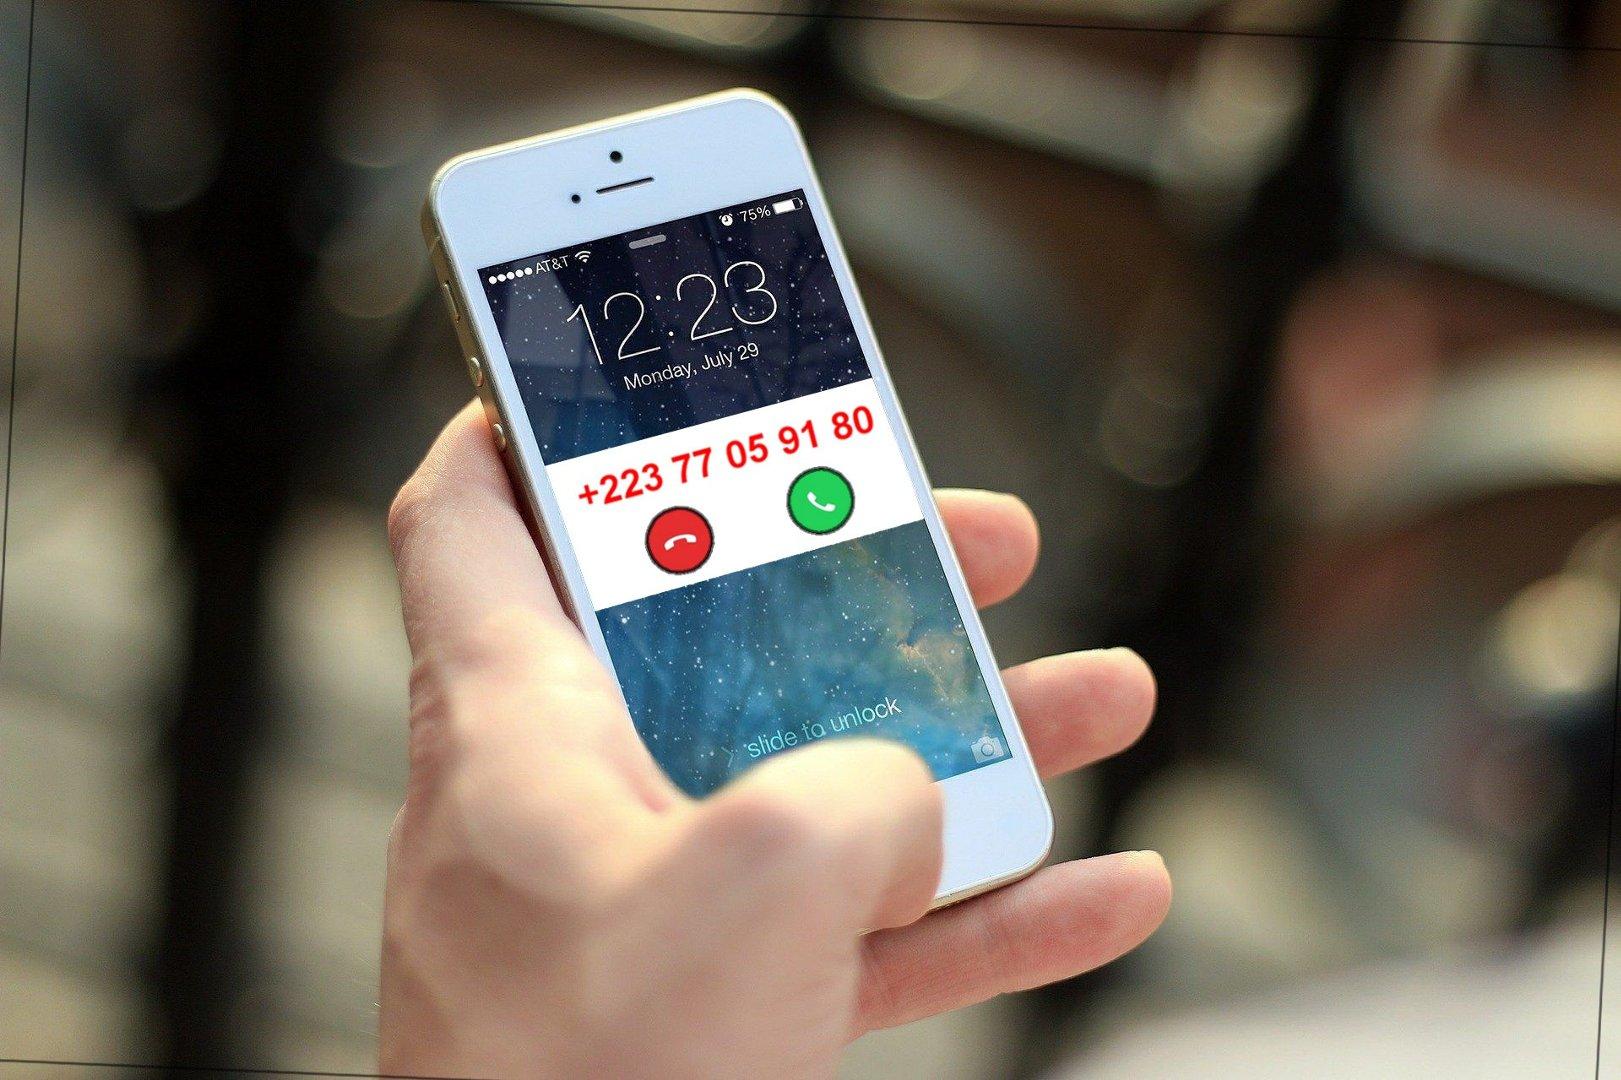 darmowy okres próbny numery telefonów czerwone flagi randkowe z mężczyzną